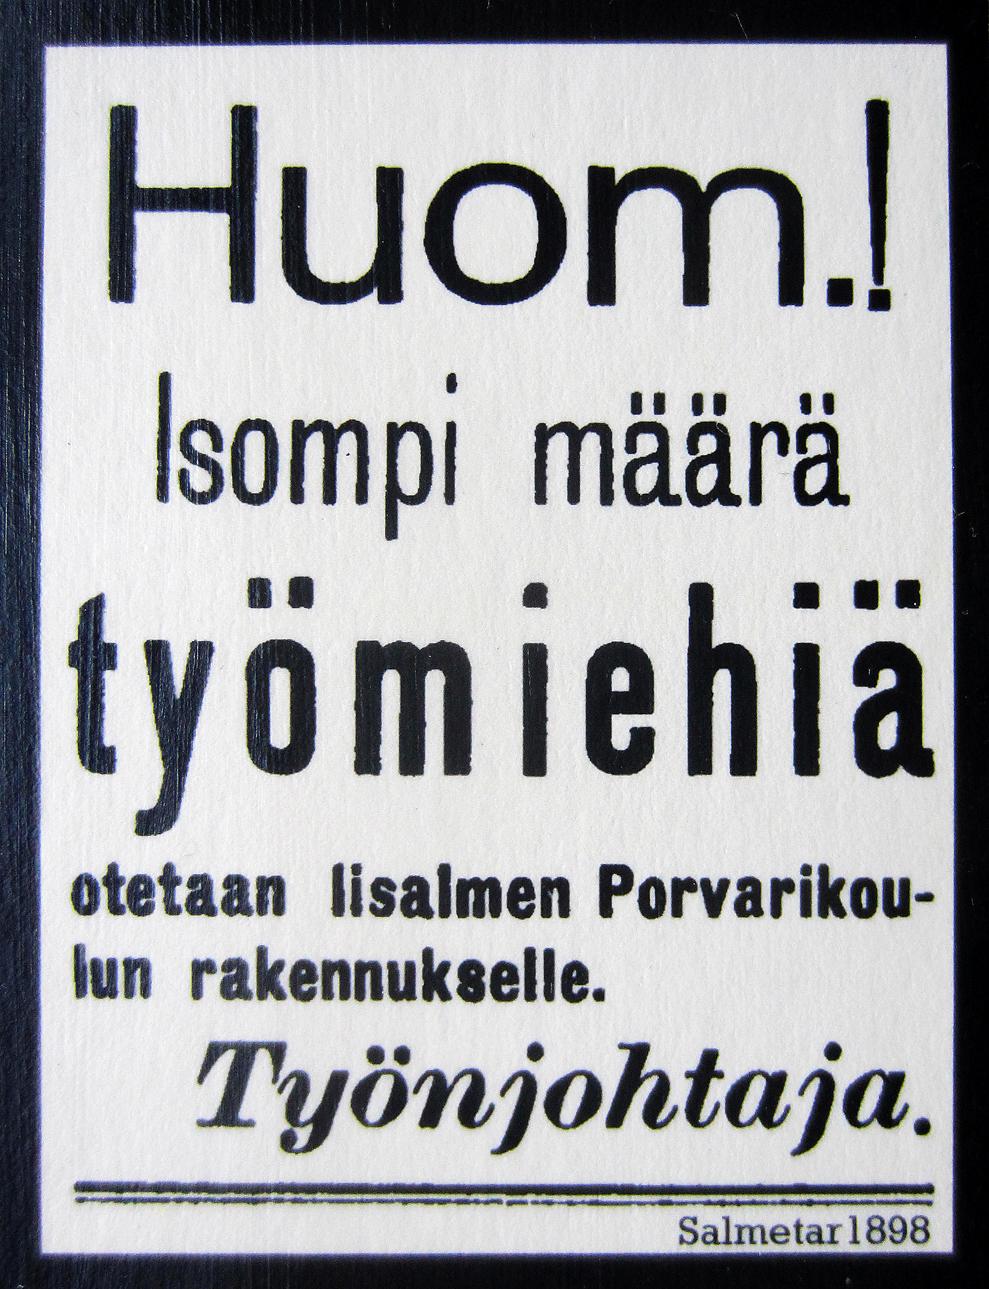 suomen yleisin ammatti Haapavesi